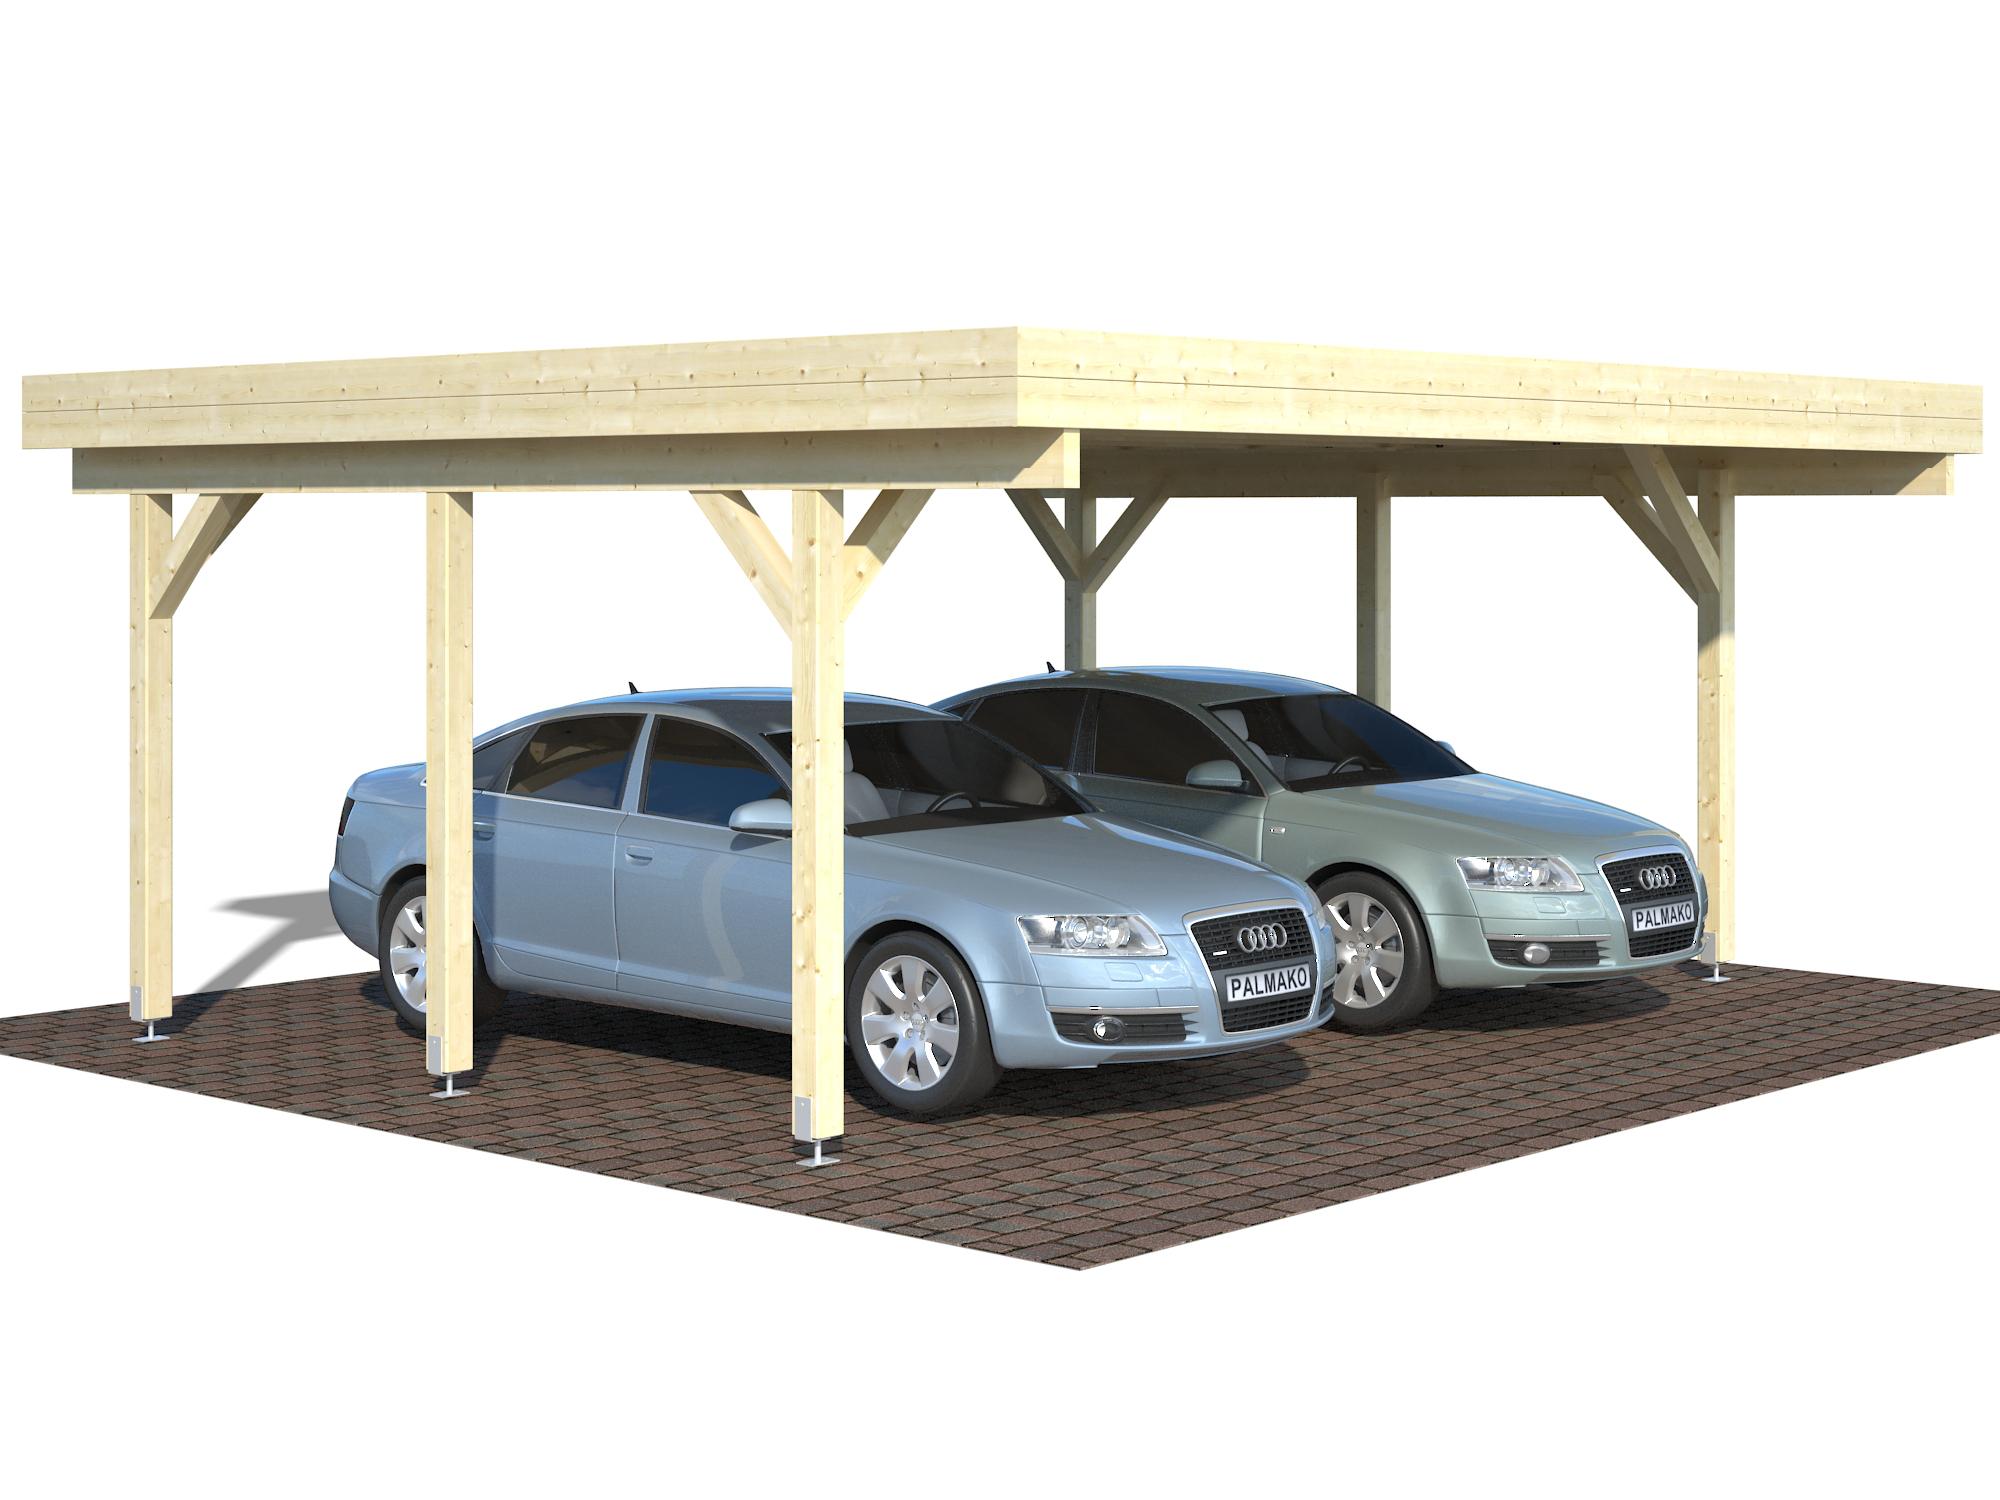 dobbelt carport til 2 biler gratis levering af carporte. Black Bedroom Furniture Sets. Home Design Ideas